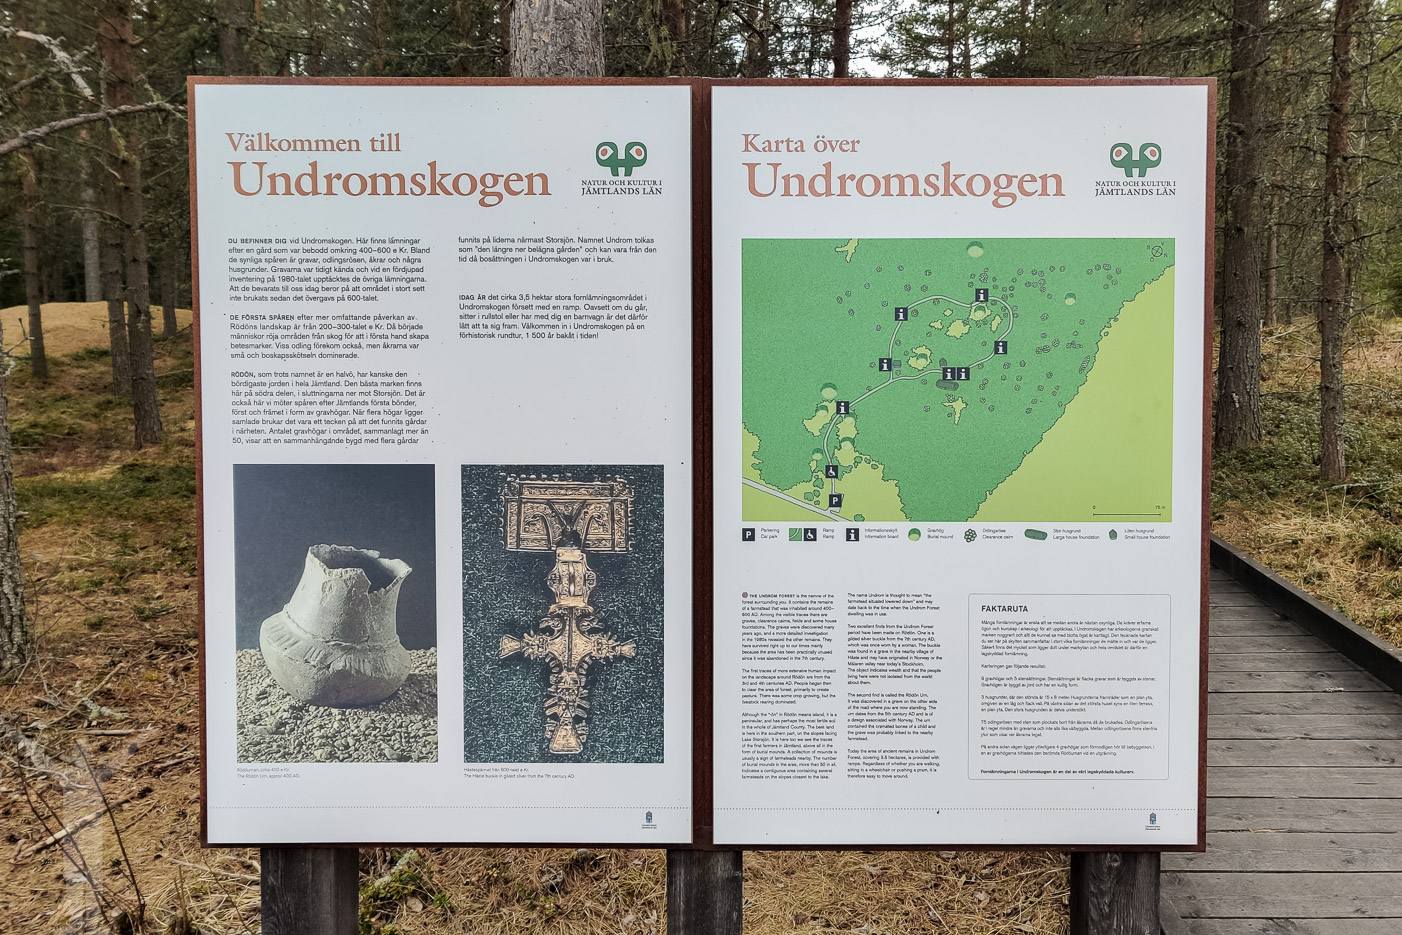 Informationsskylt om Undromskogen